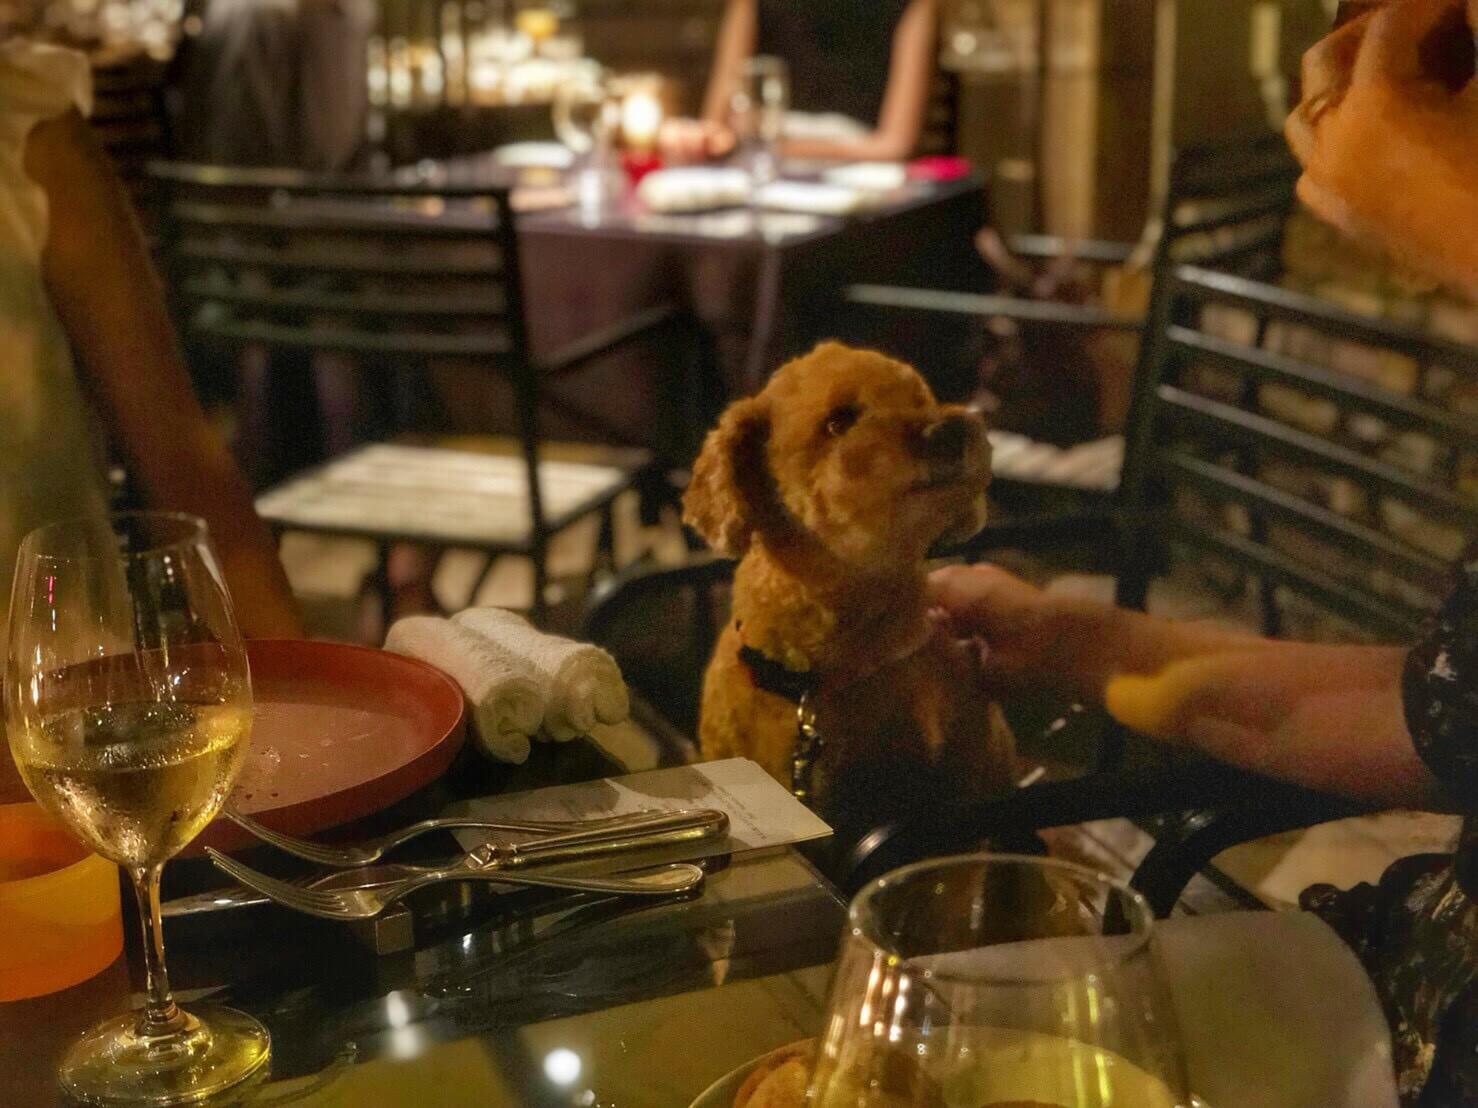 【PR】代官山の人気ビストロで愛犬と共に家族でディナーを。「BISTRO FAVORI 代官山(ビストロ ファヴォリ 代官山)」